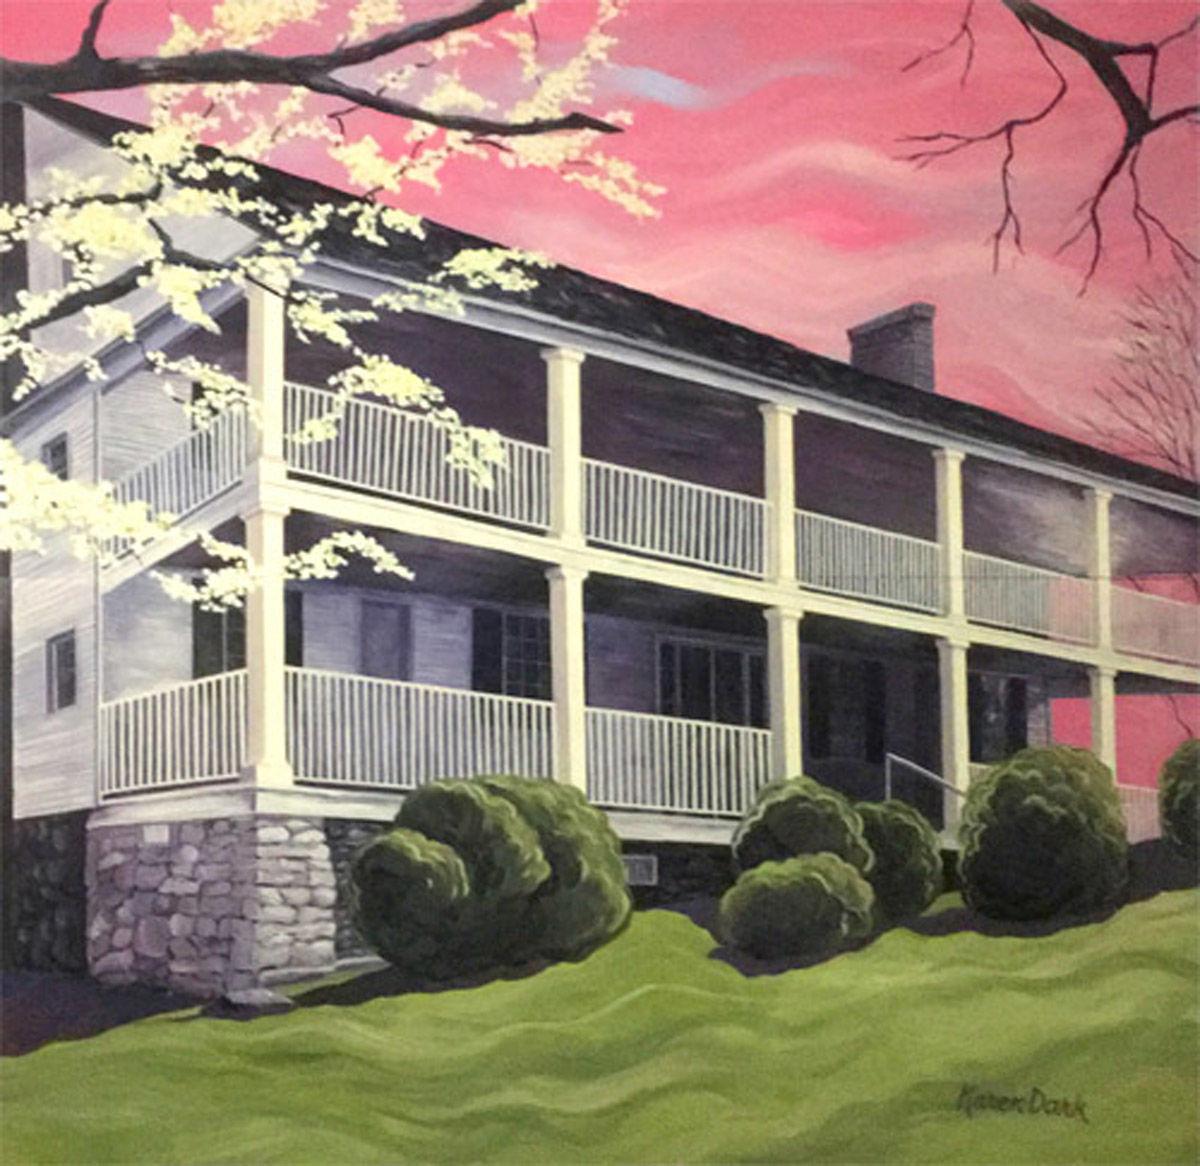 26 marion_nc_artwalk_carson_house_mural.jpg